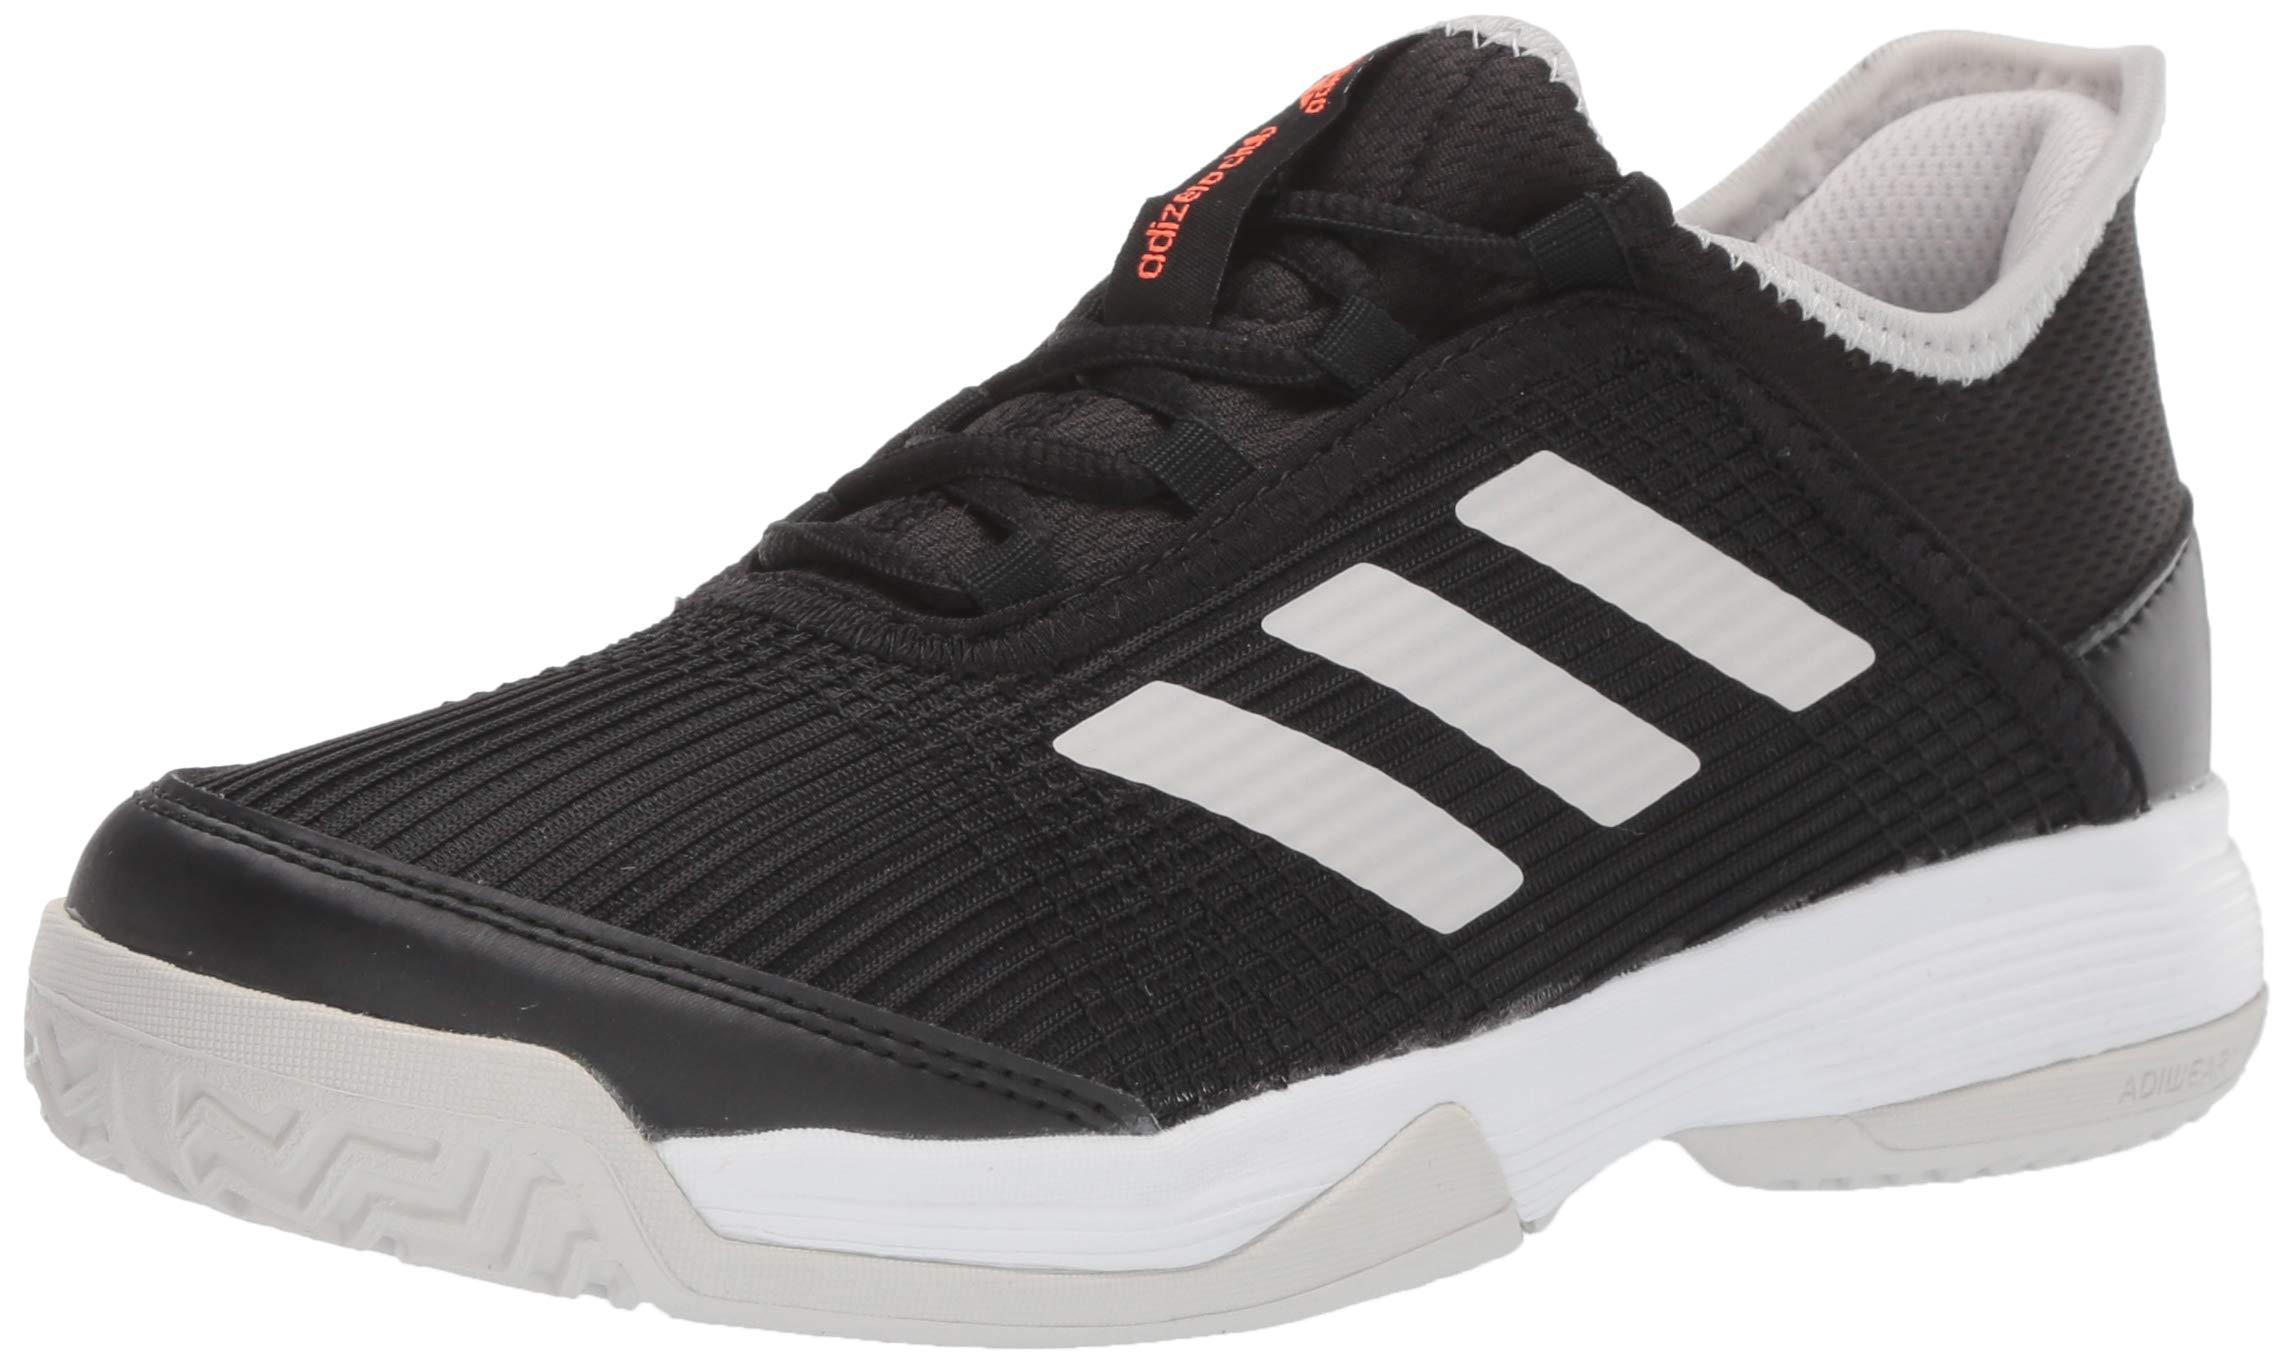 adidas Unisex Adizero Club Tennis Shoe, Black/White/Grey, 6.5 M US Big Kid